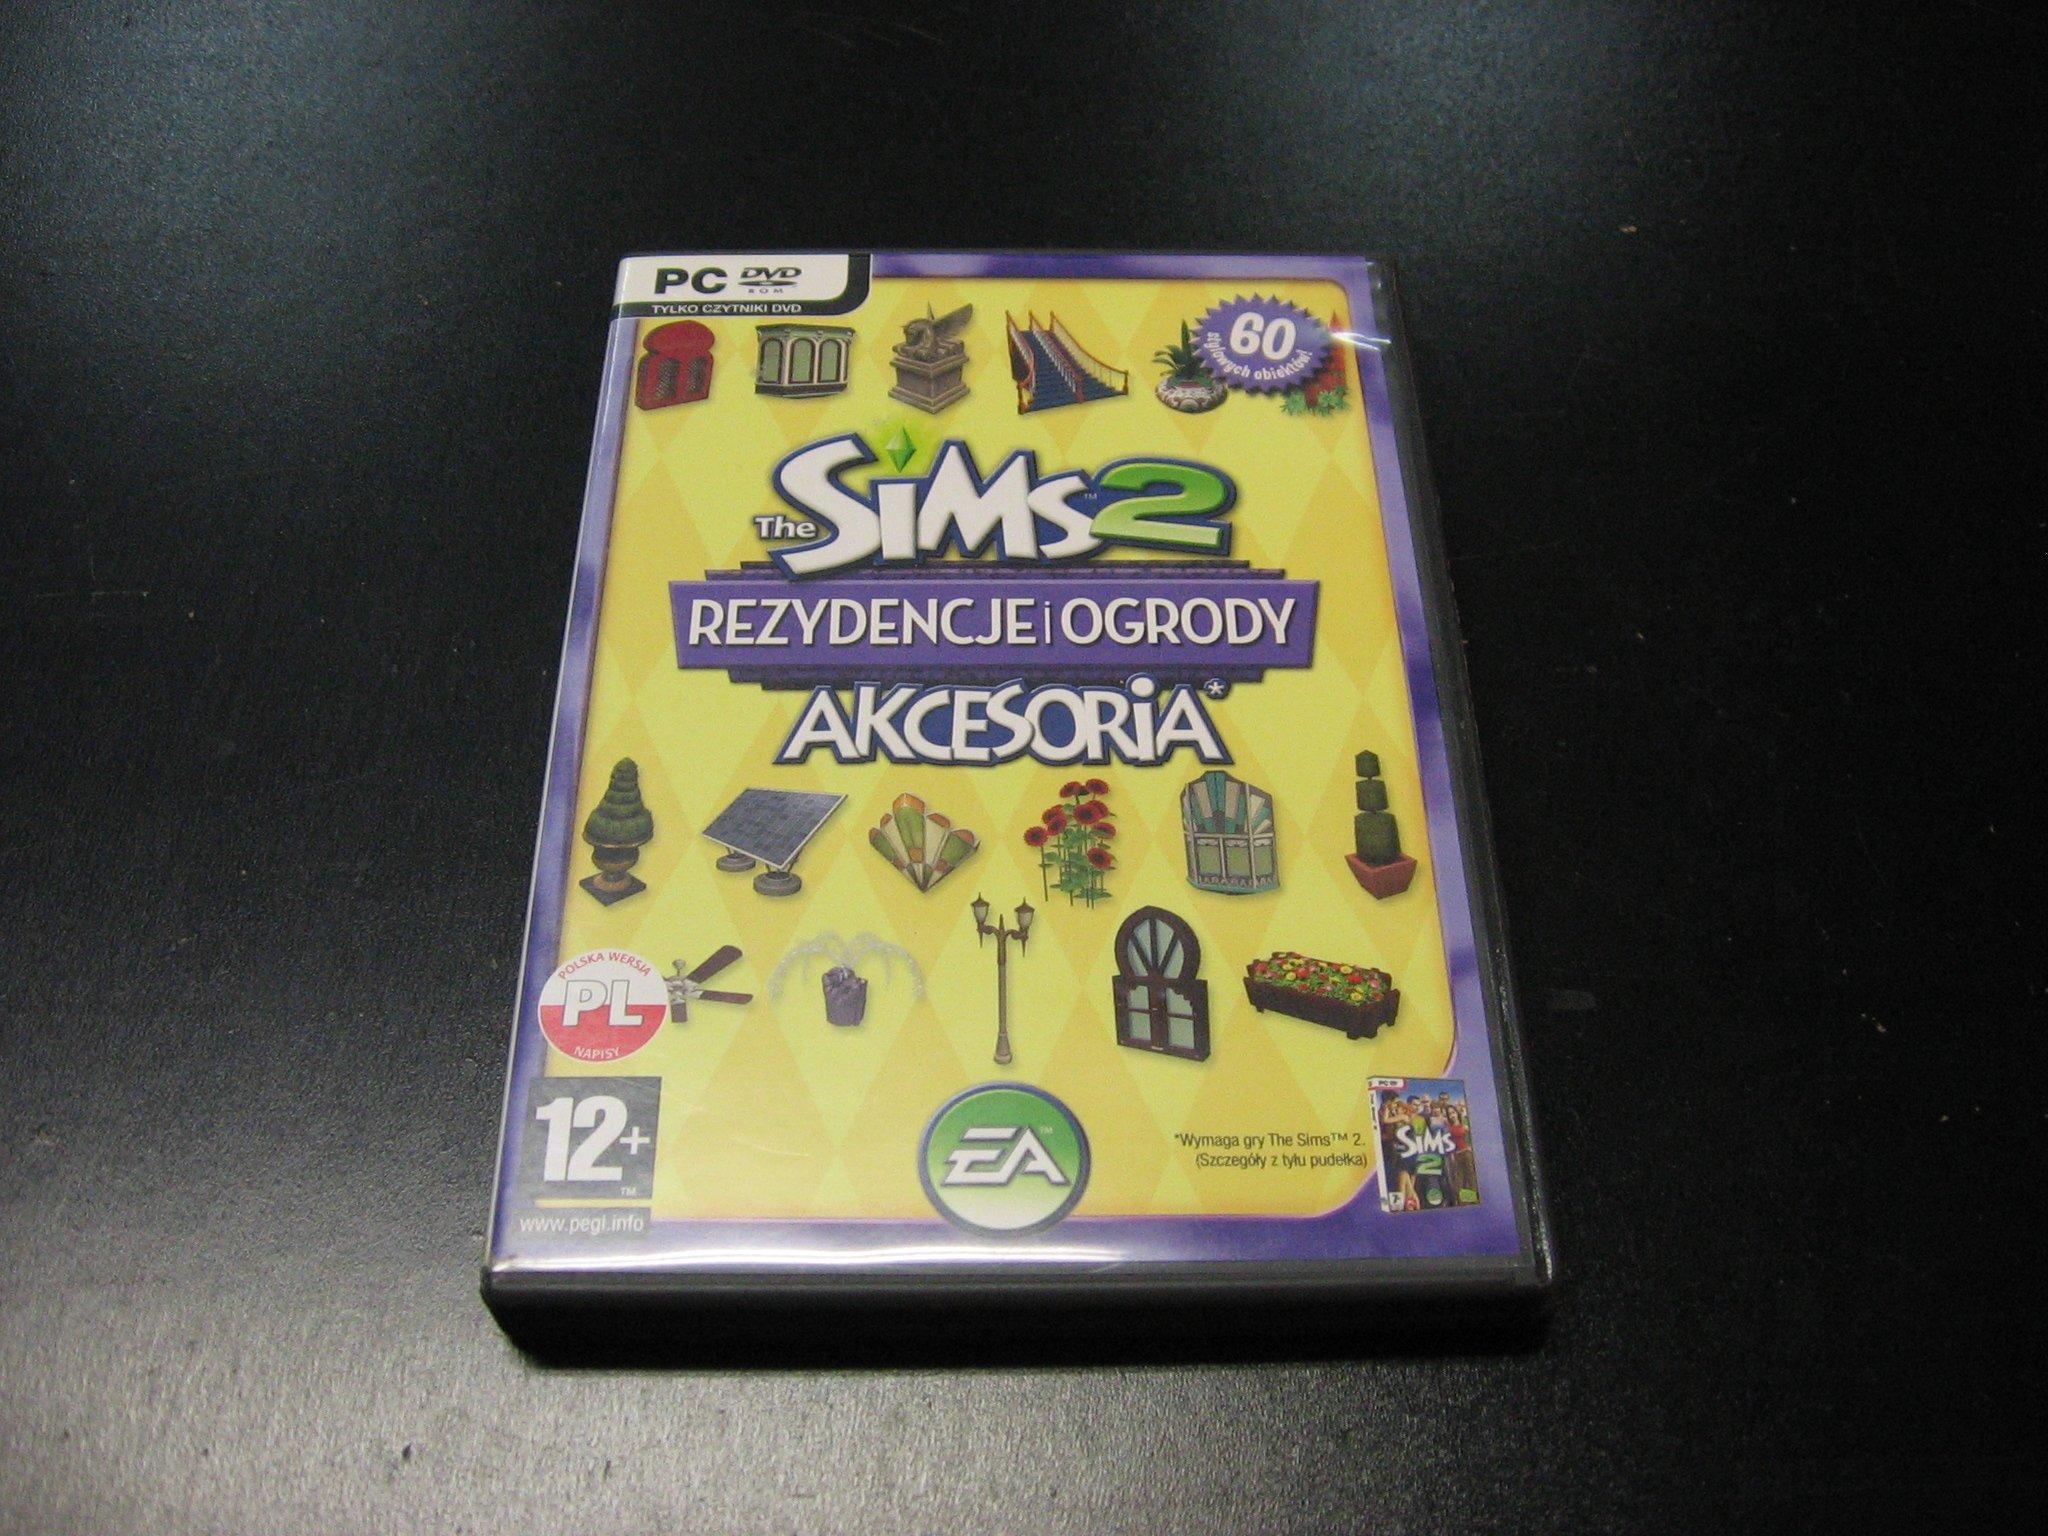 The Sims 2 dodatek Rezydencje i Ogrody PL - GRA PC 0126